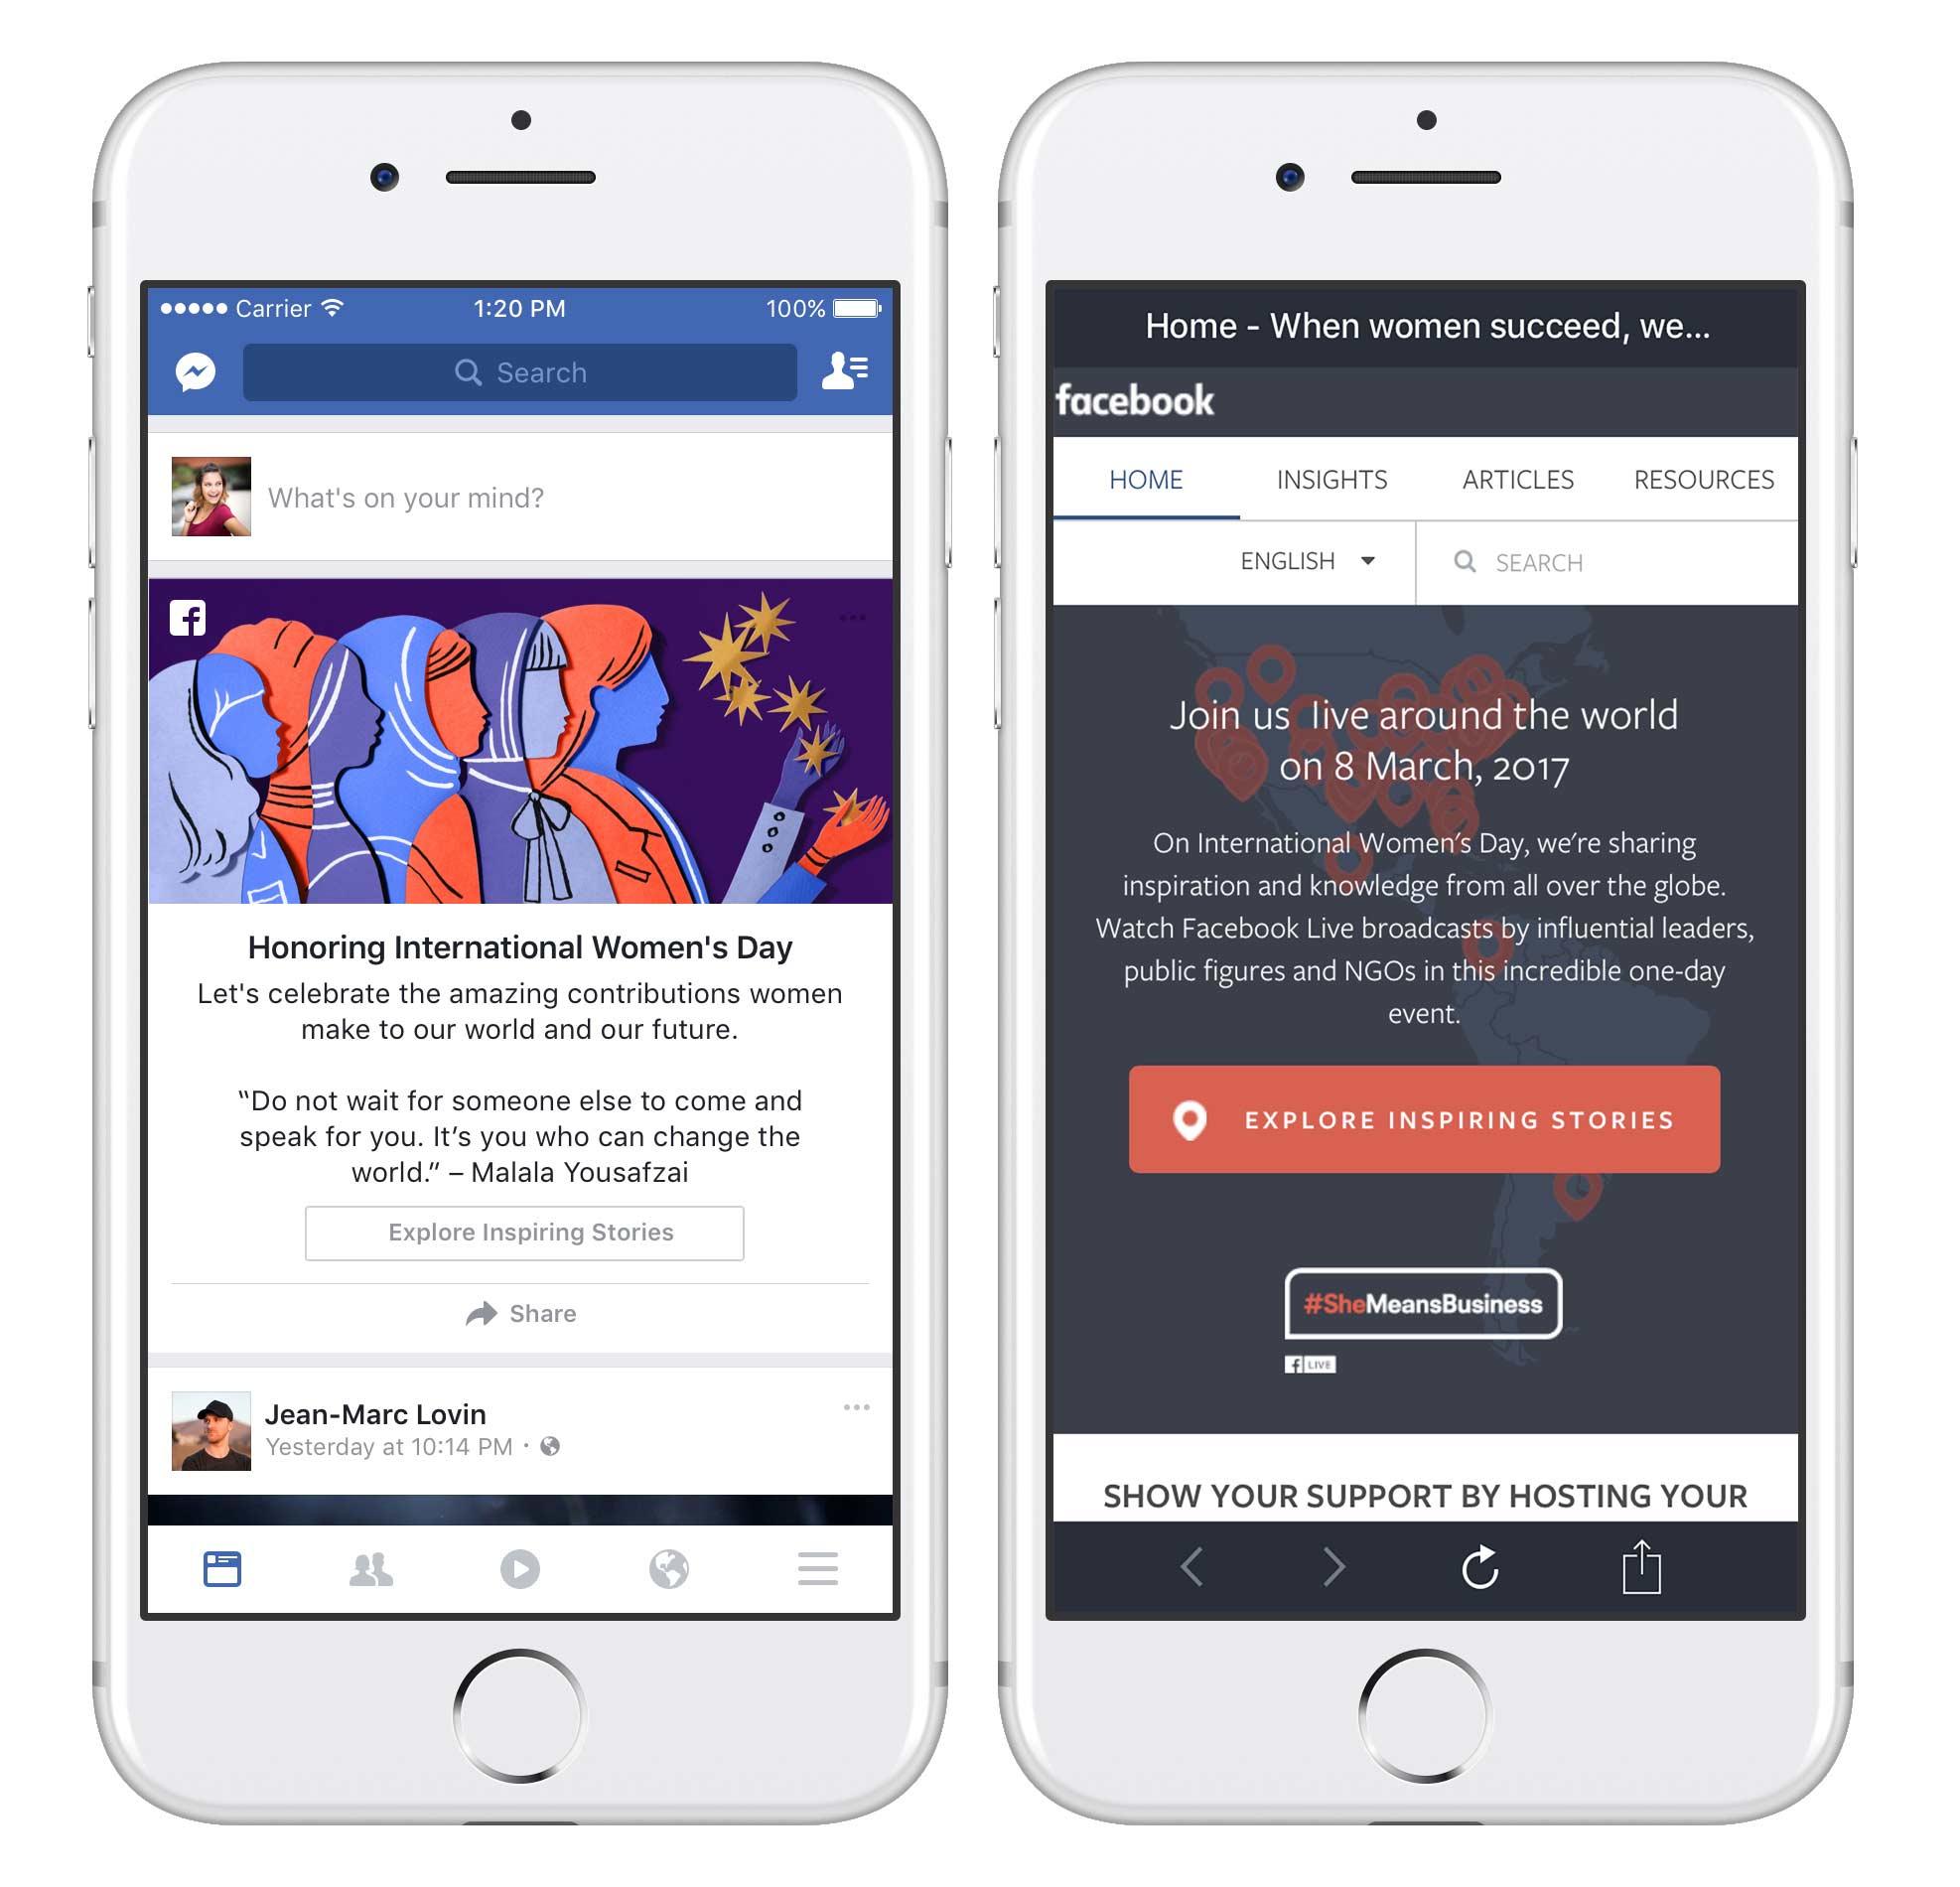 Facebook Screenshots